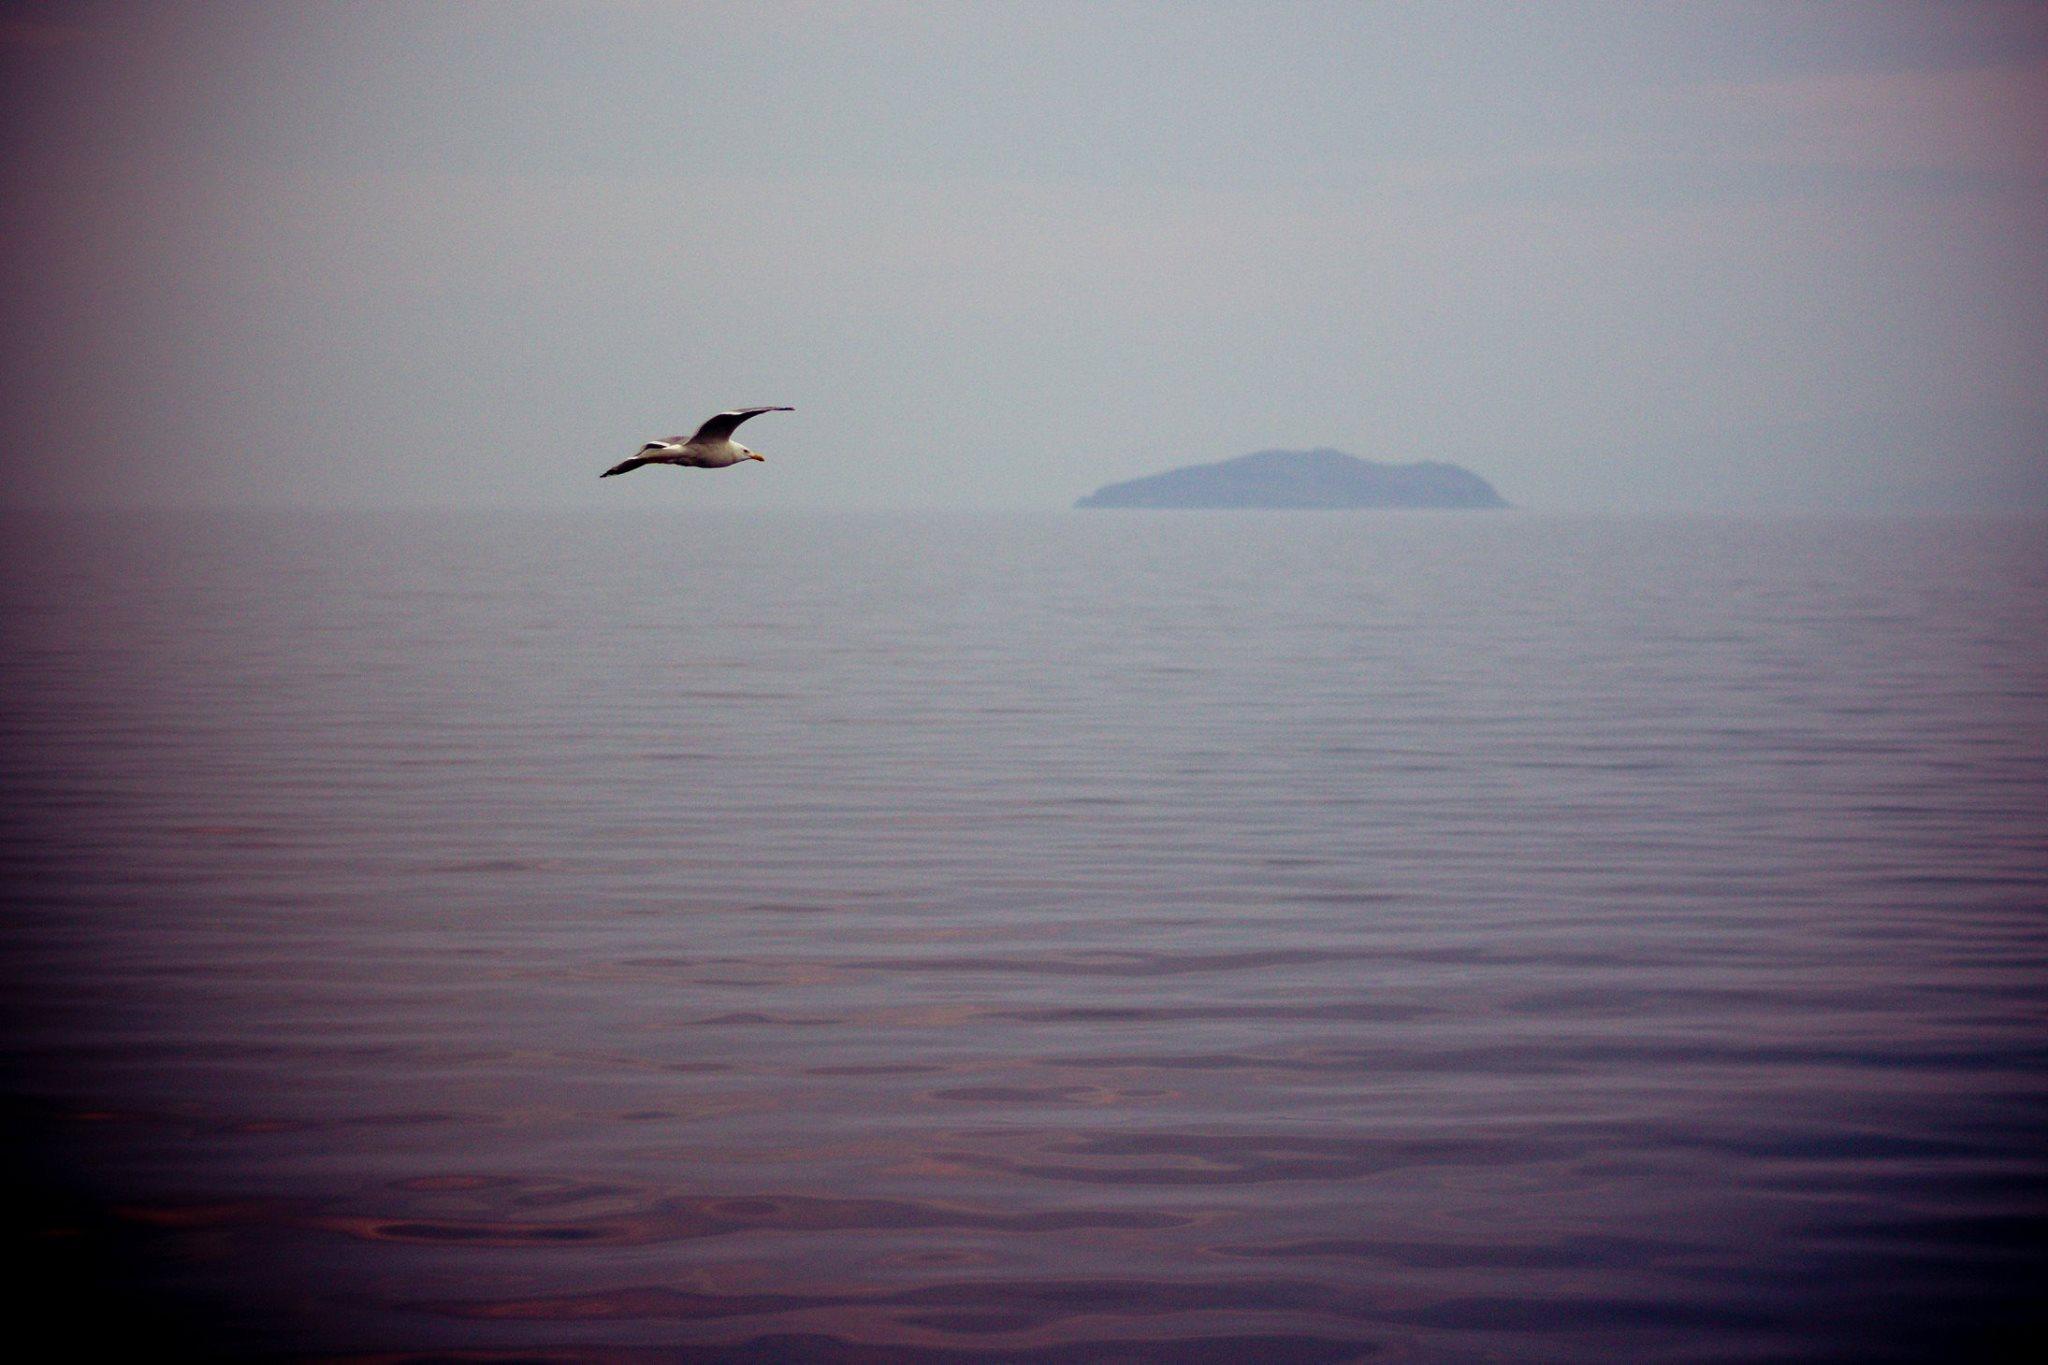 Além disso, a petrolífera Transneft havia planejado construir um duto que passaria  bem próximo à margem do lago, mas, em 2006, um decreto do Estado determinou que o projeto fosse transferido para 40 quilômetros de distância do Baikal.